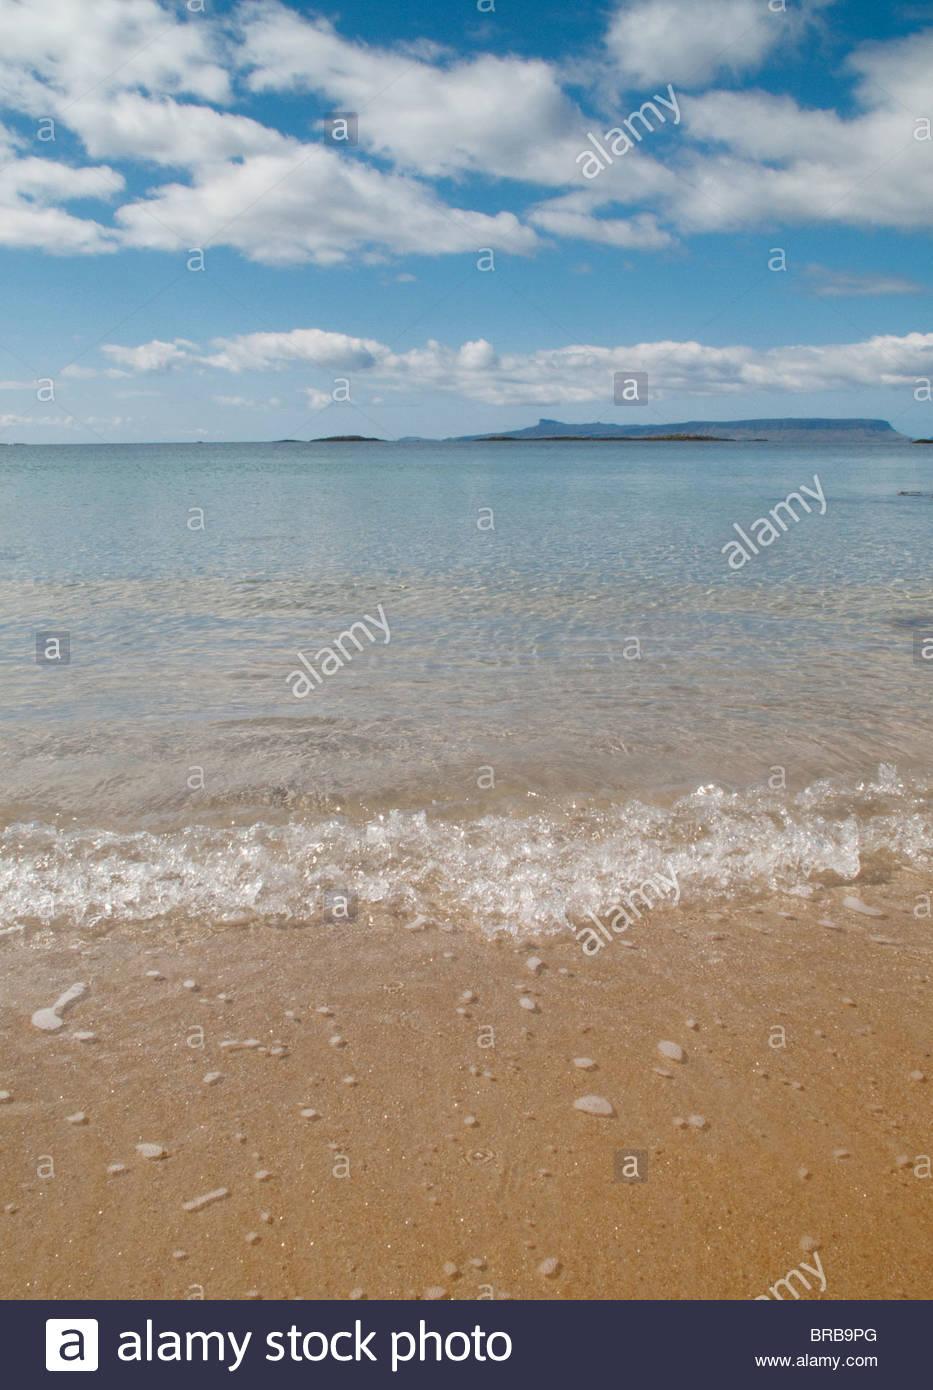 Ocean waves on beach under blue sky Stock Photo